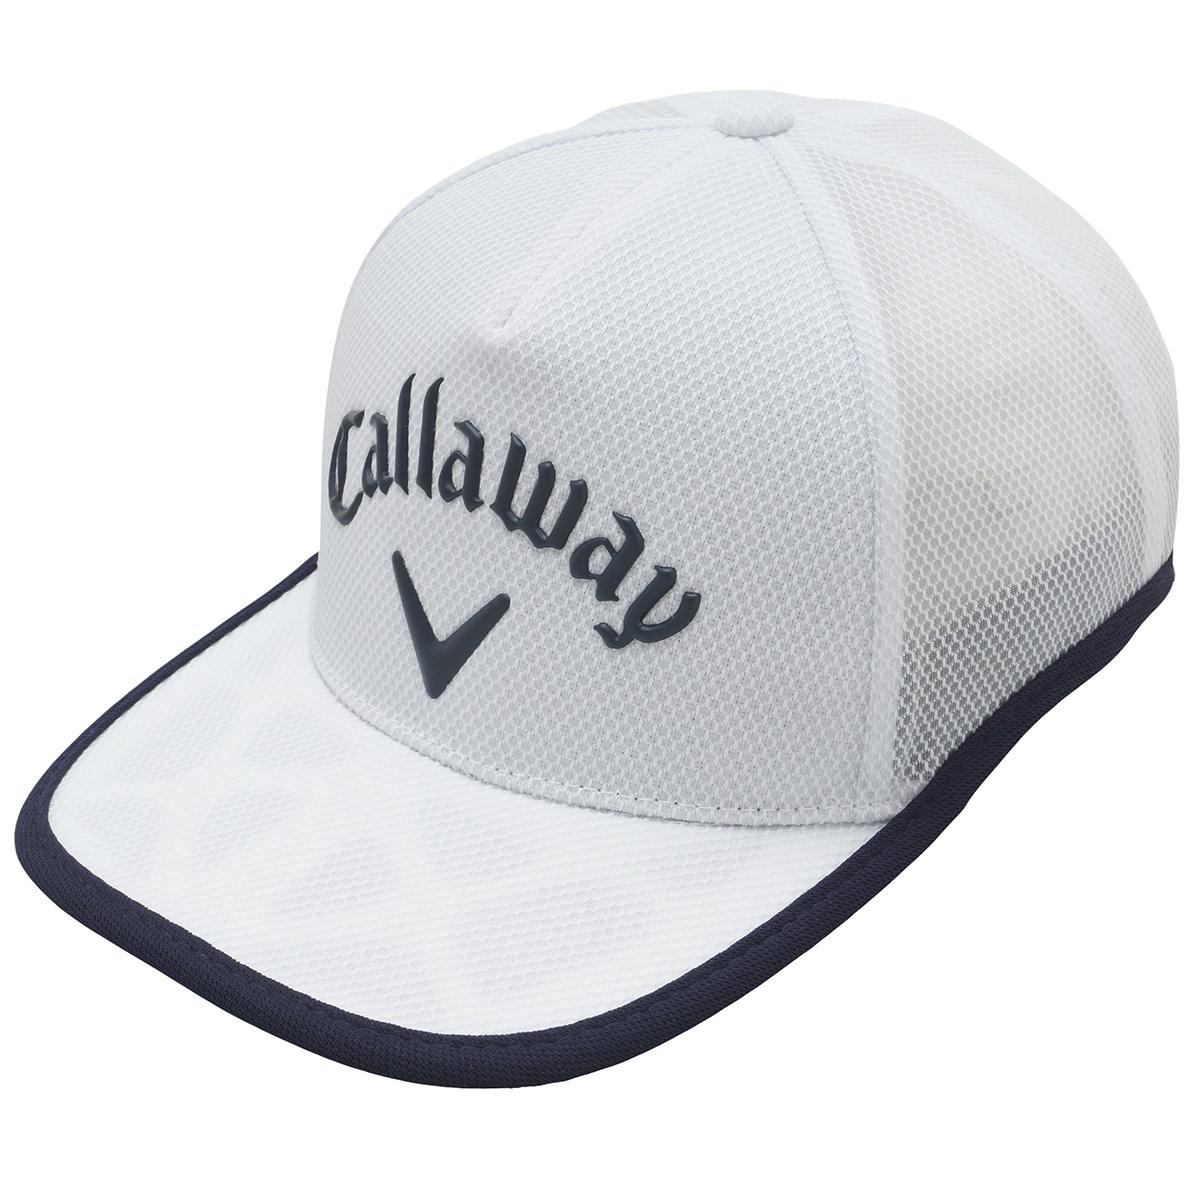 キャロウェイゴルフ(Callaway Golf) LIGHT MESH キャップ